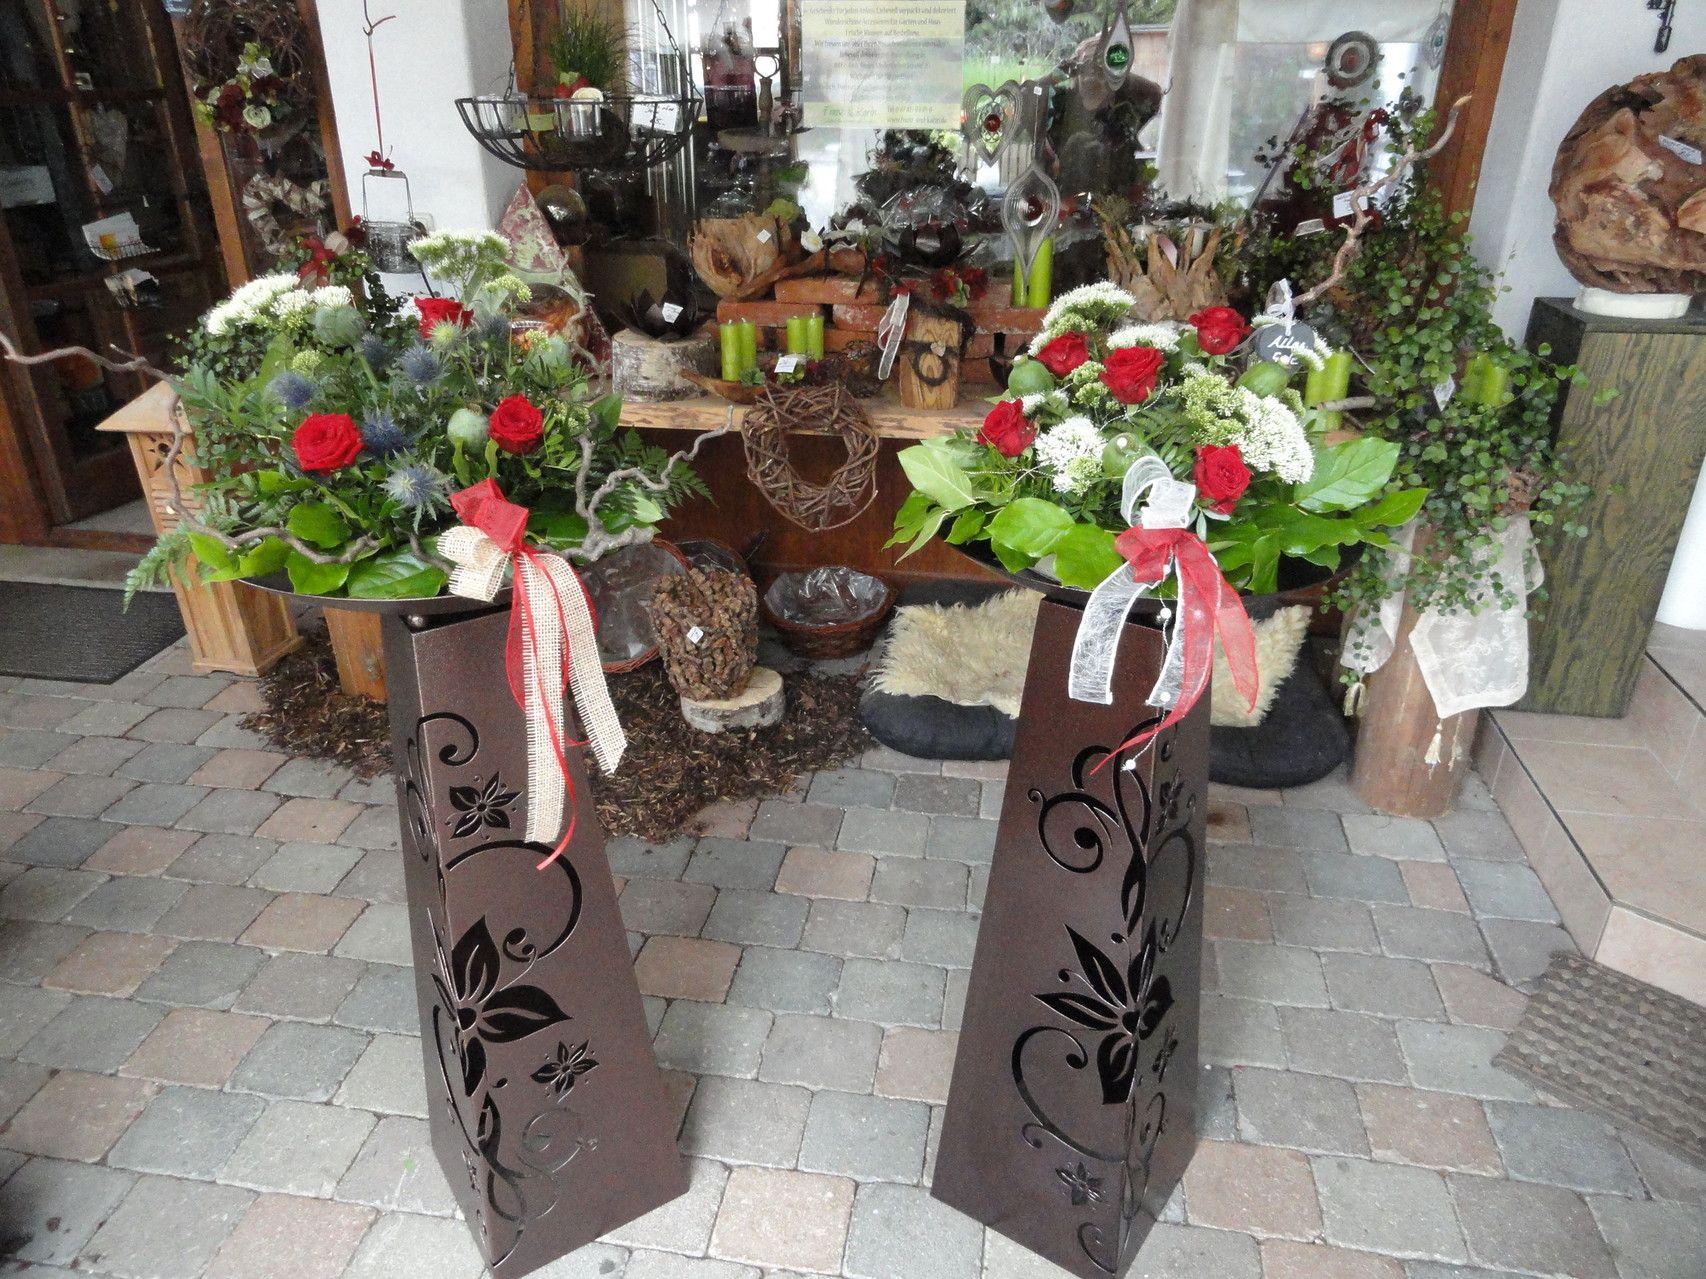 Pulverbeschichtete Saulen Blume In Kupfer Gartendeko Von Franz Und Karin 84155 Aich Niederaicher Str 28 Pflanzschale Pflanzen Garten Deko